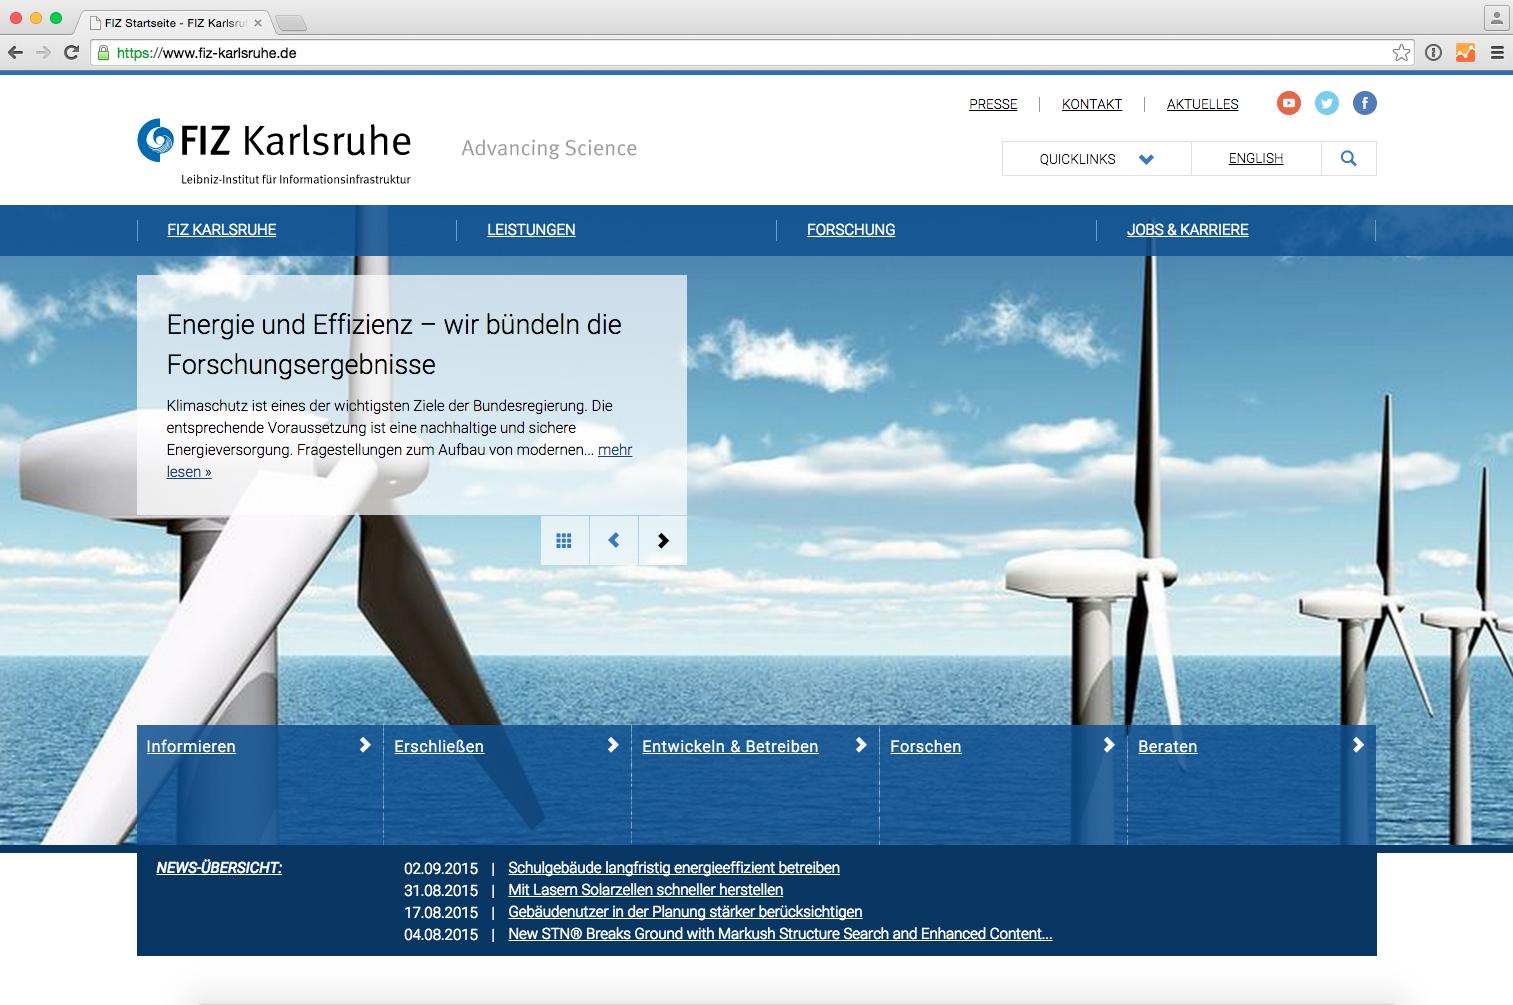 Pressebild: FIZ Karlsruhe pr�sentiert sich mit seiner neuen Unternehmenswebsite als innovativer Dienstleister und Partner der Forschung.